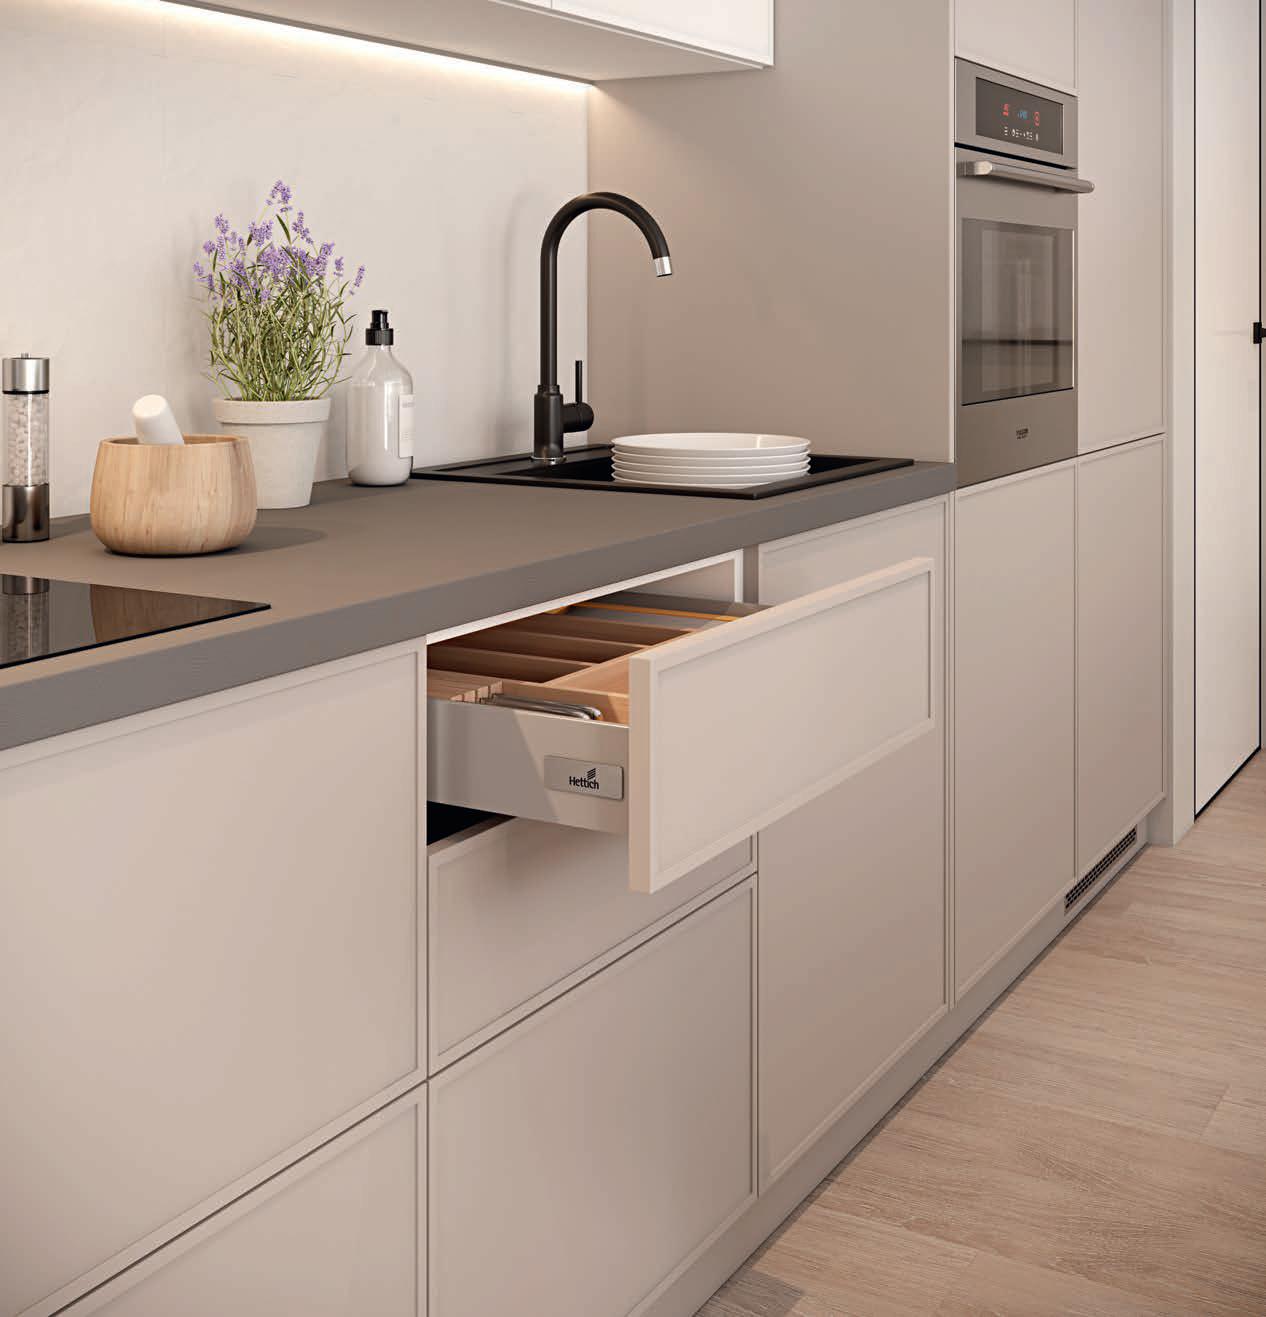 Hagen Cappuccino Kitchen Furniture Design Kitchen Room Design Kitchen Design Small